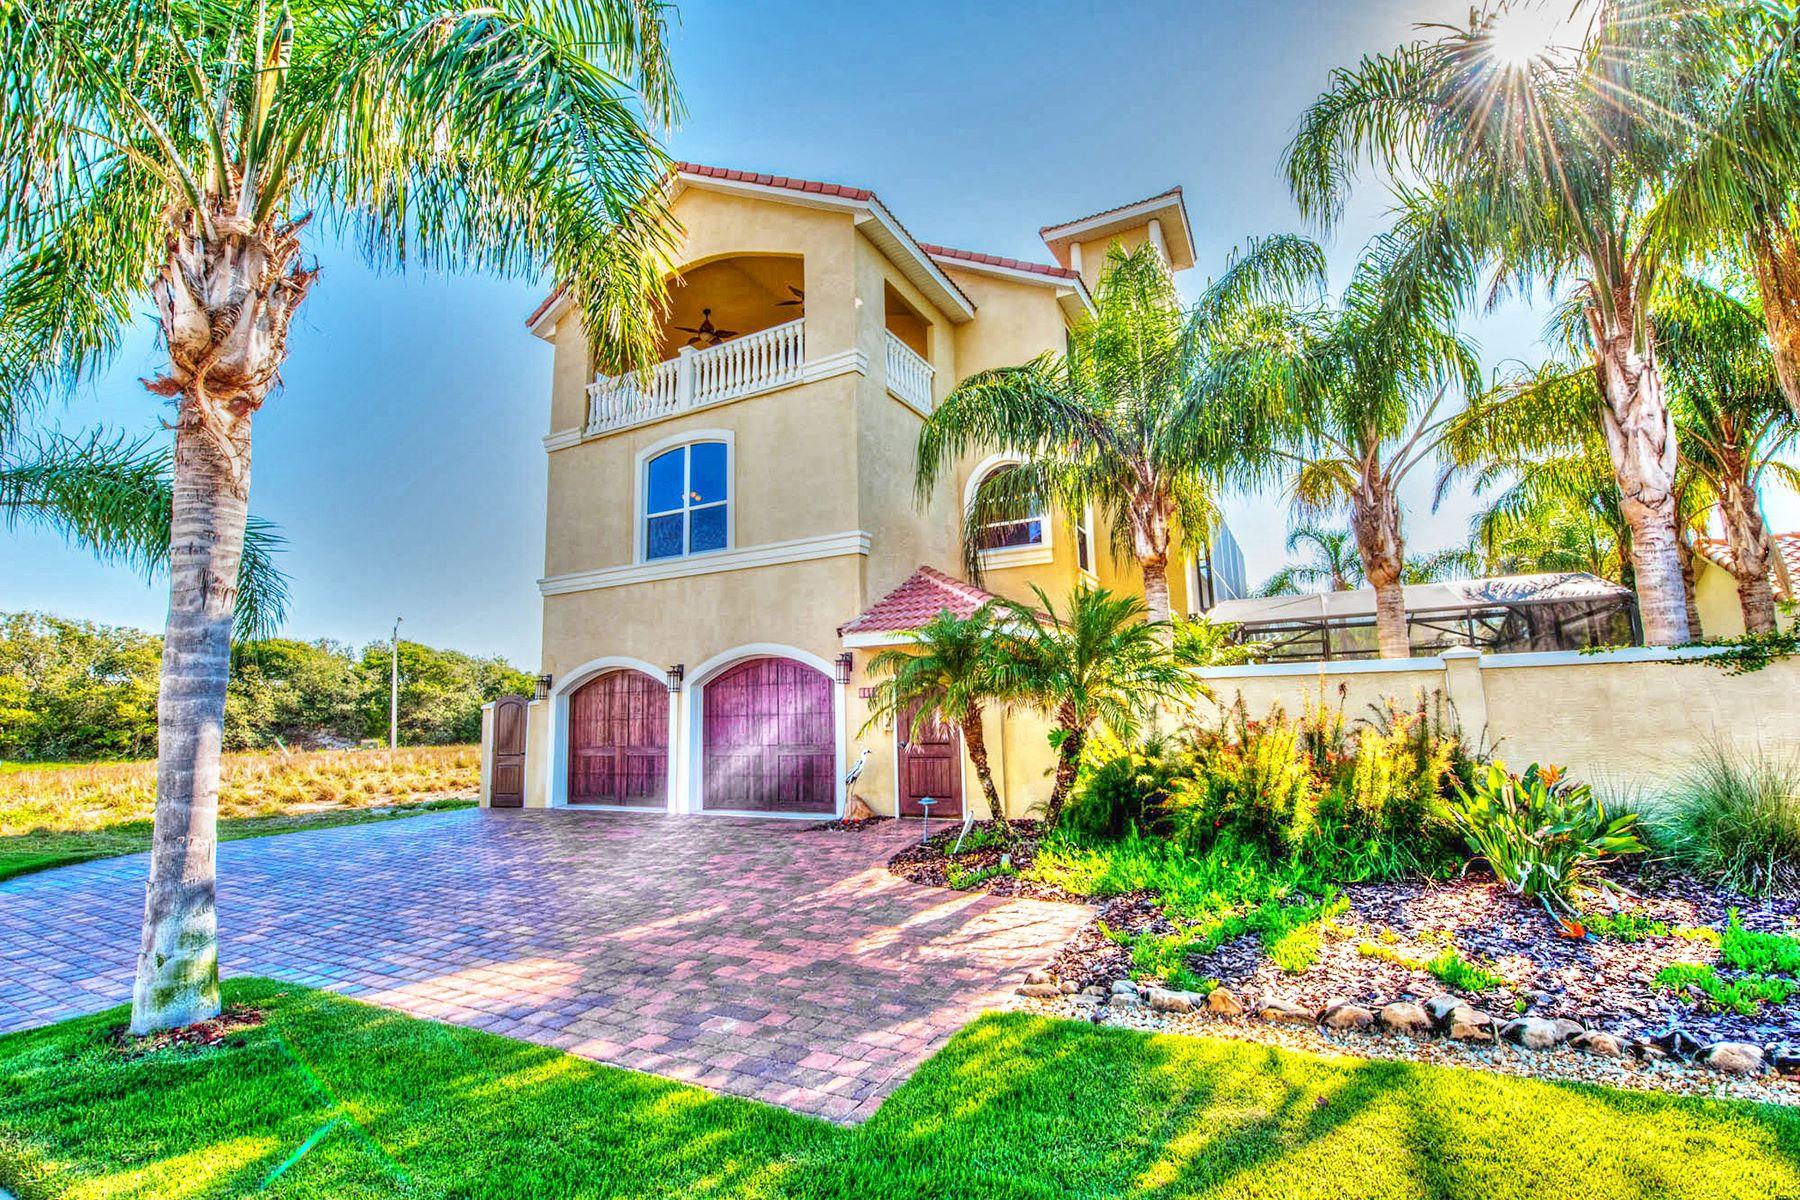 Maison unifamiliale pour l Vente à ORMOND BEACH - Coquina Key 3729 Egret Dunes Dr Ormond Beach, Florida 32176 États-Unis